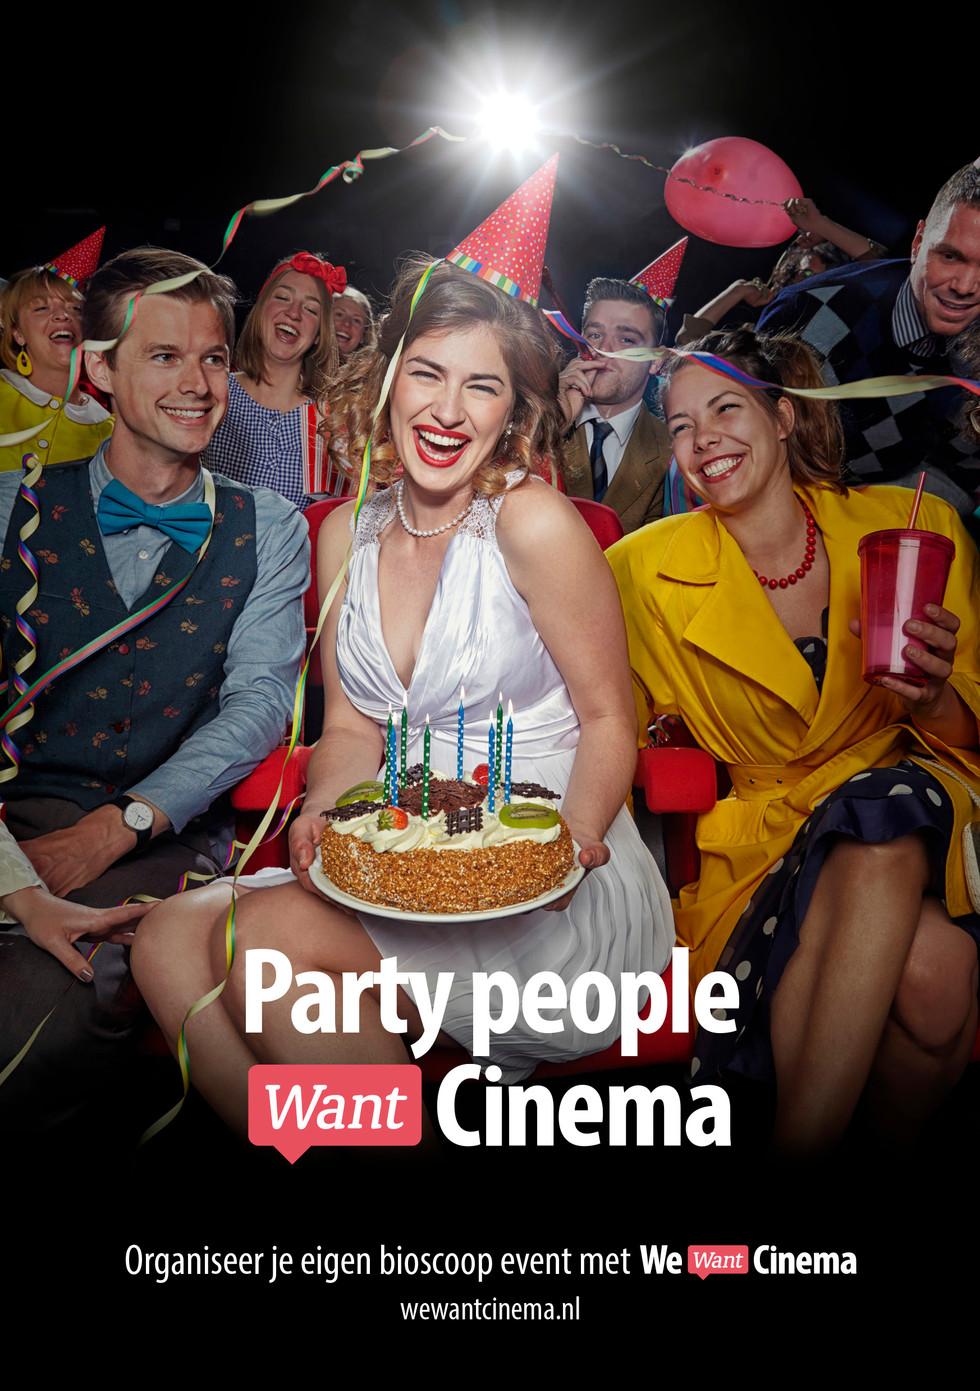 We Want Cinema